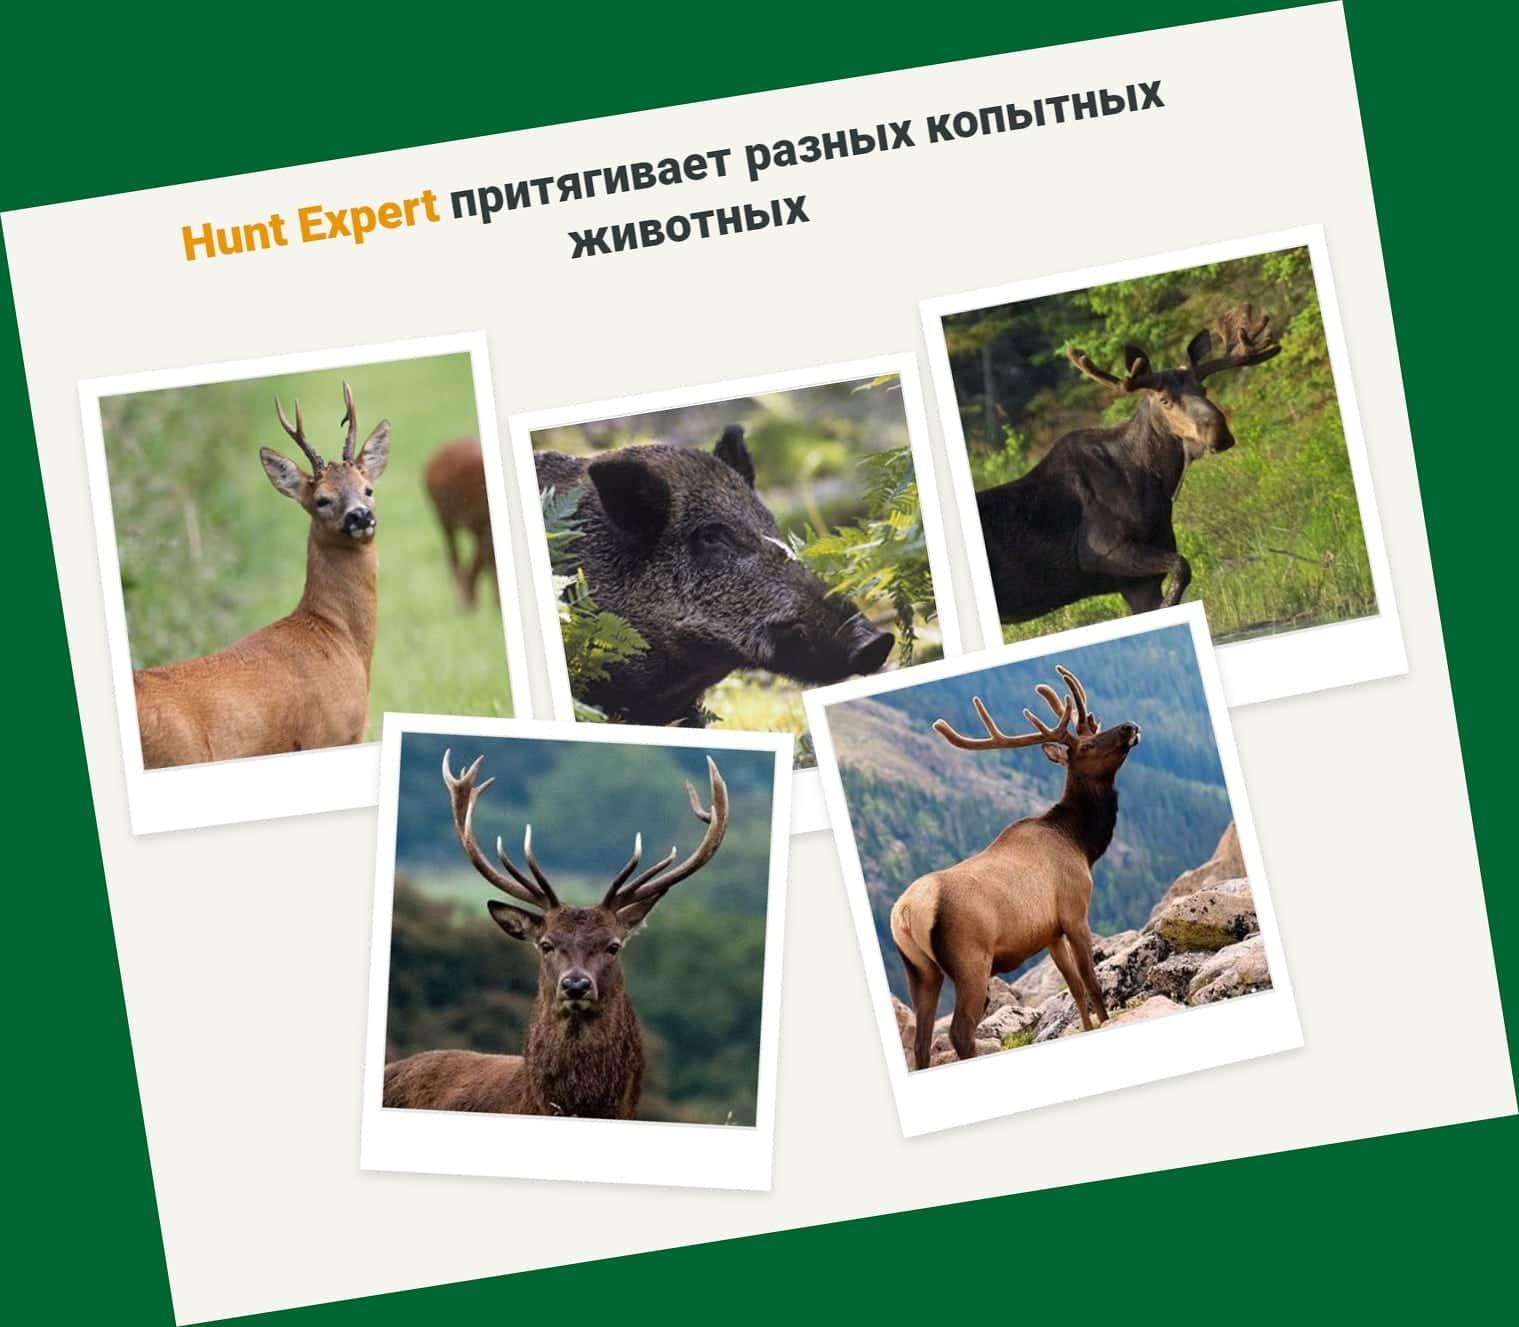 Действие Hunt Expert